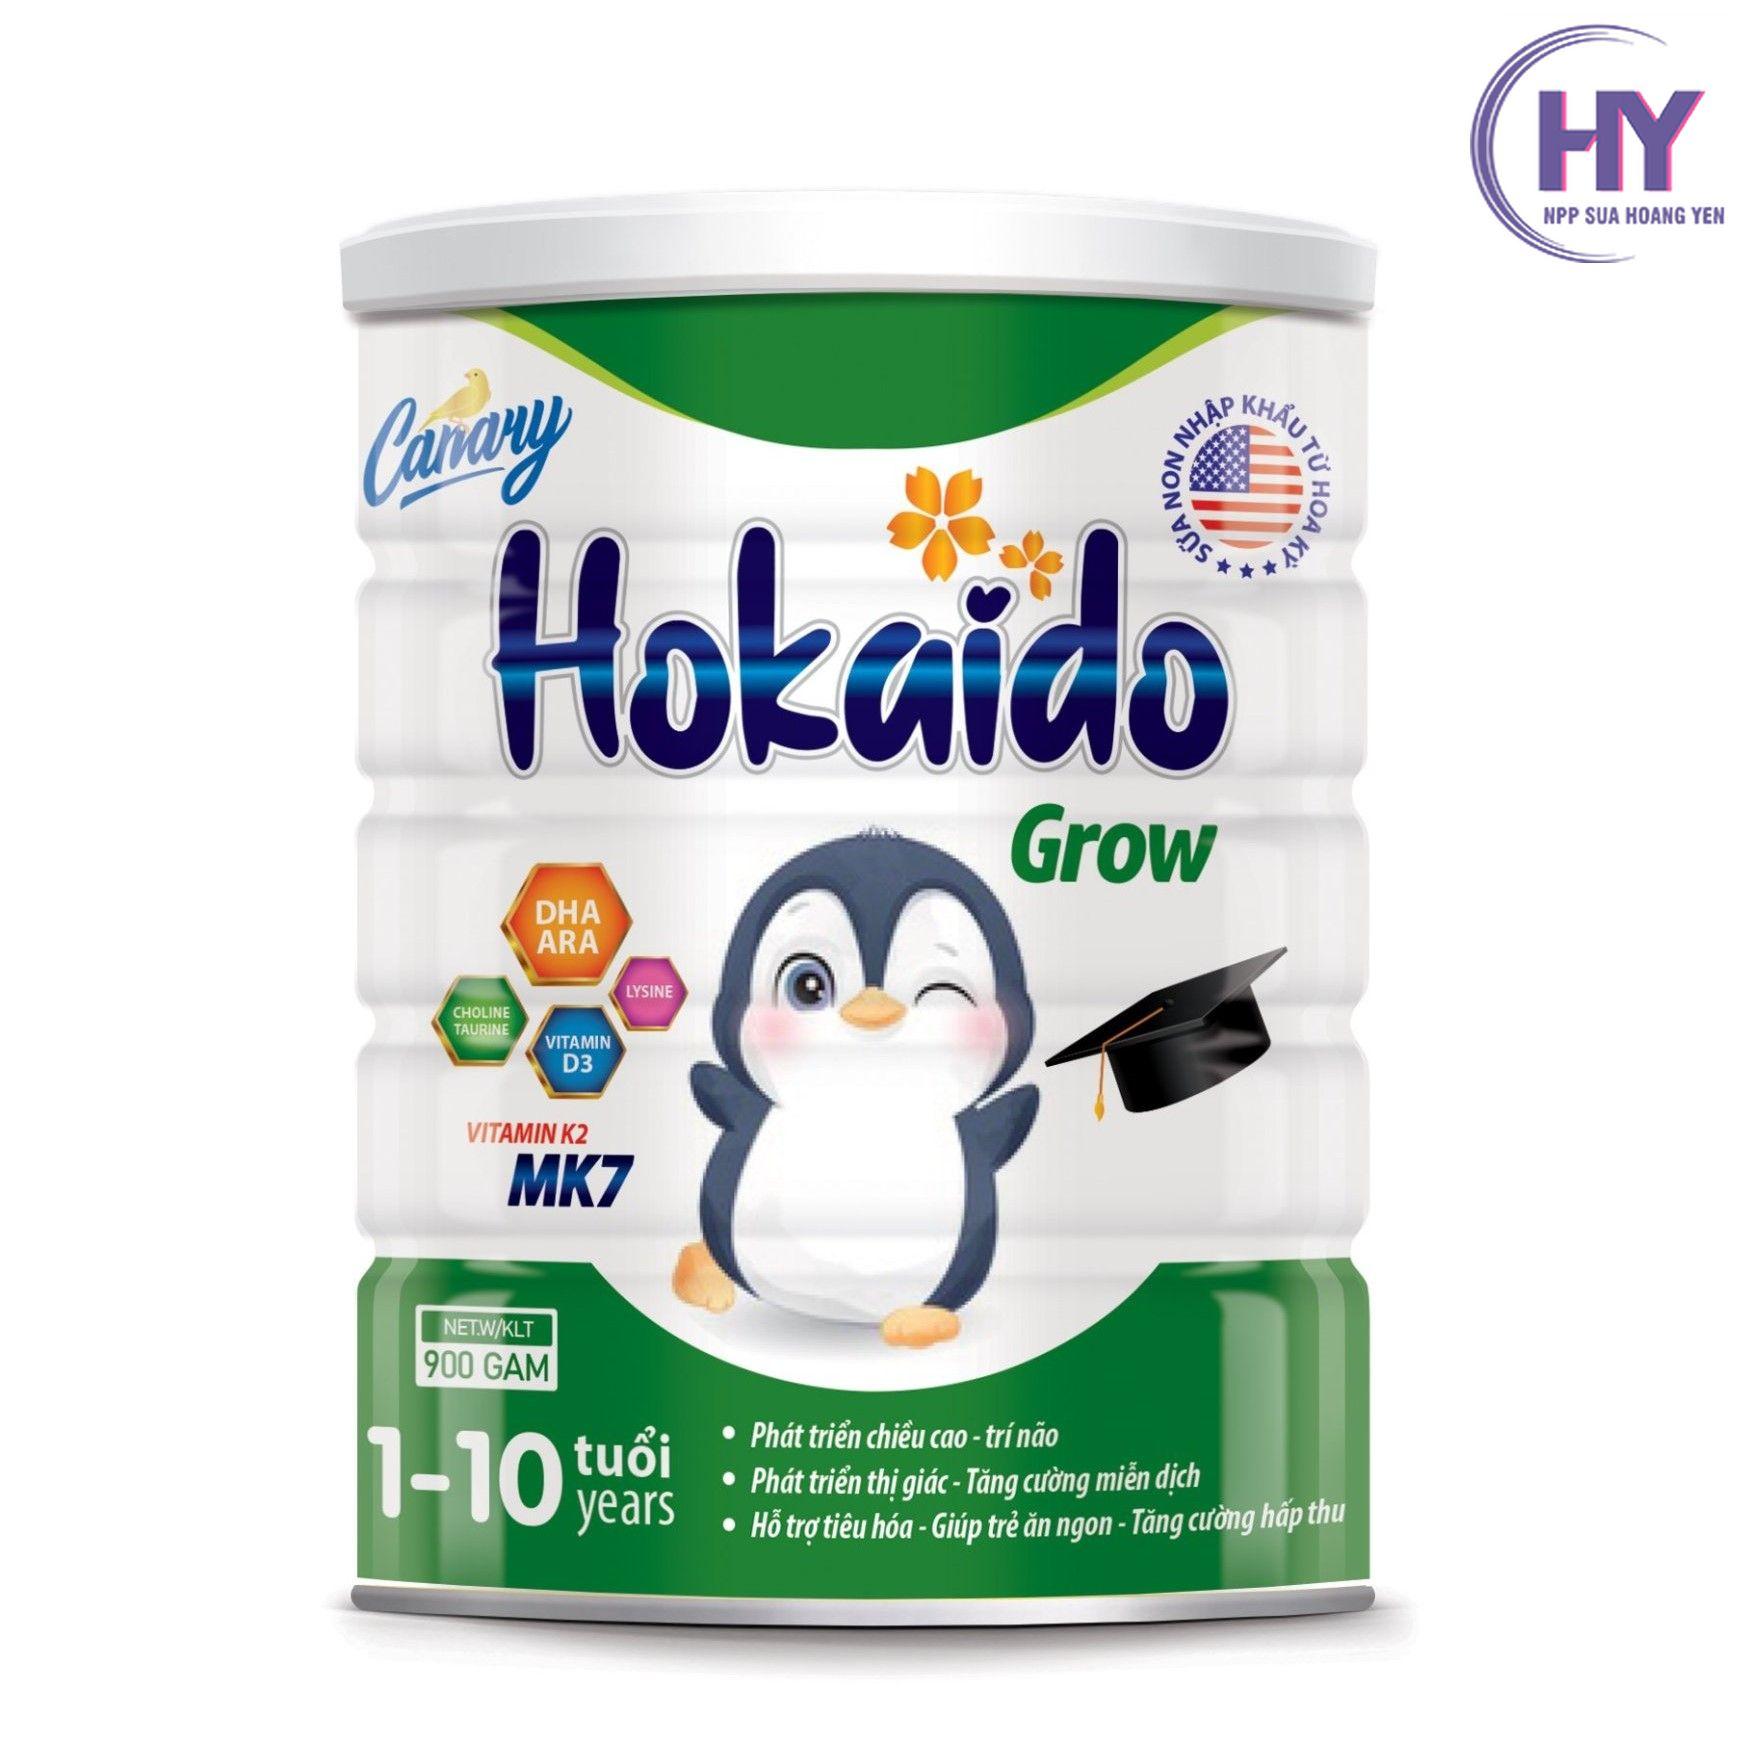 hokaido-grow